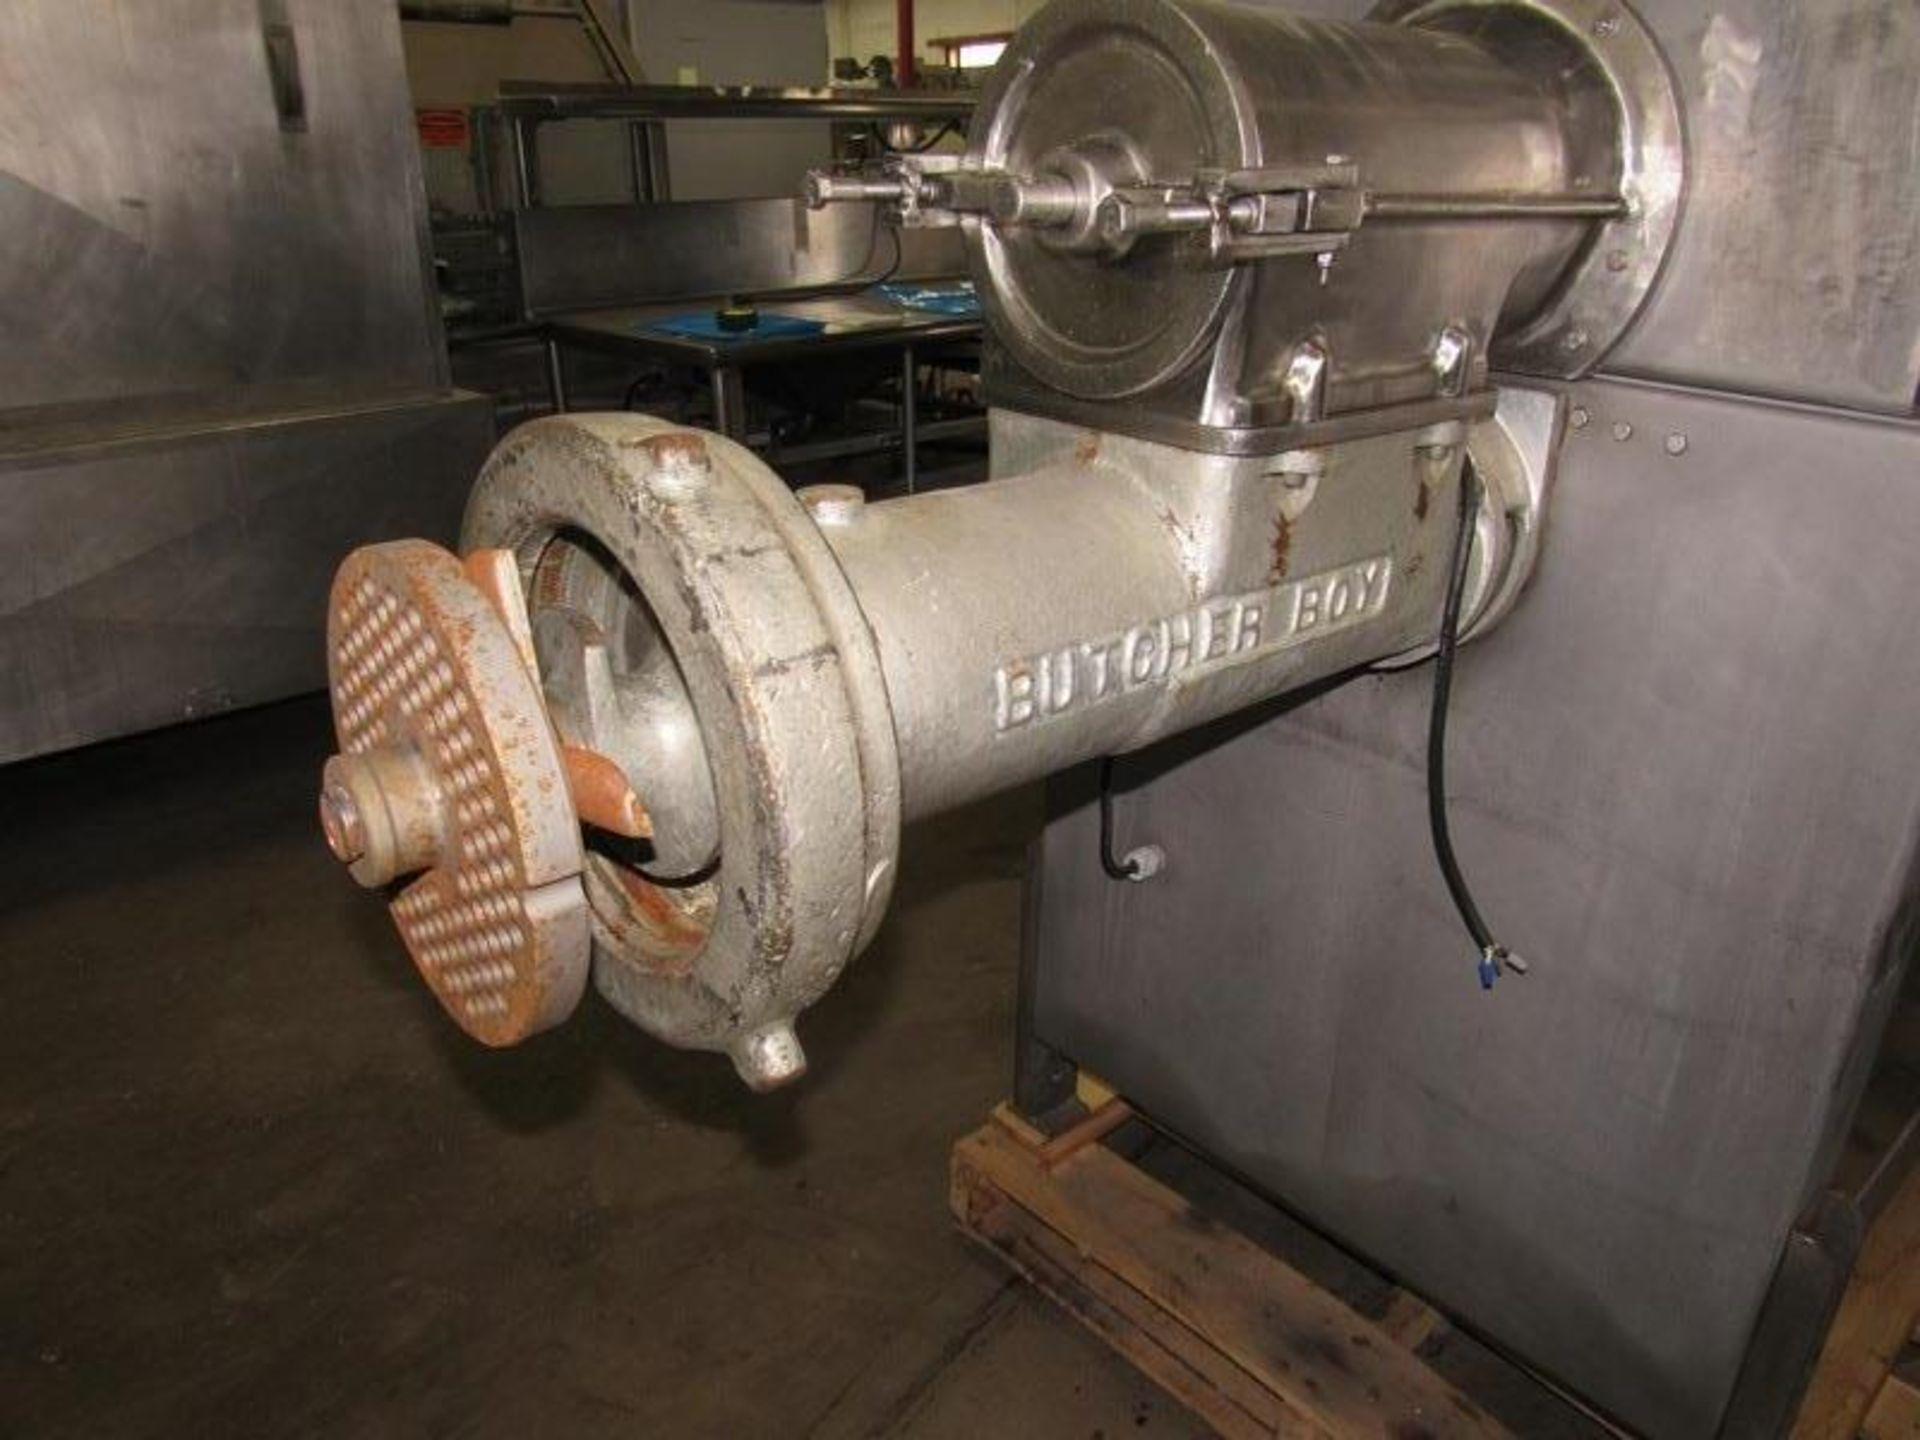 """Lot 14 - Butcher Boy Mdl. 500/56 Mixer/Grinder, 20 h.p. grinder motor, 5 h.p. feed screw motor, 8"""" plate, 220"""